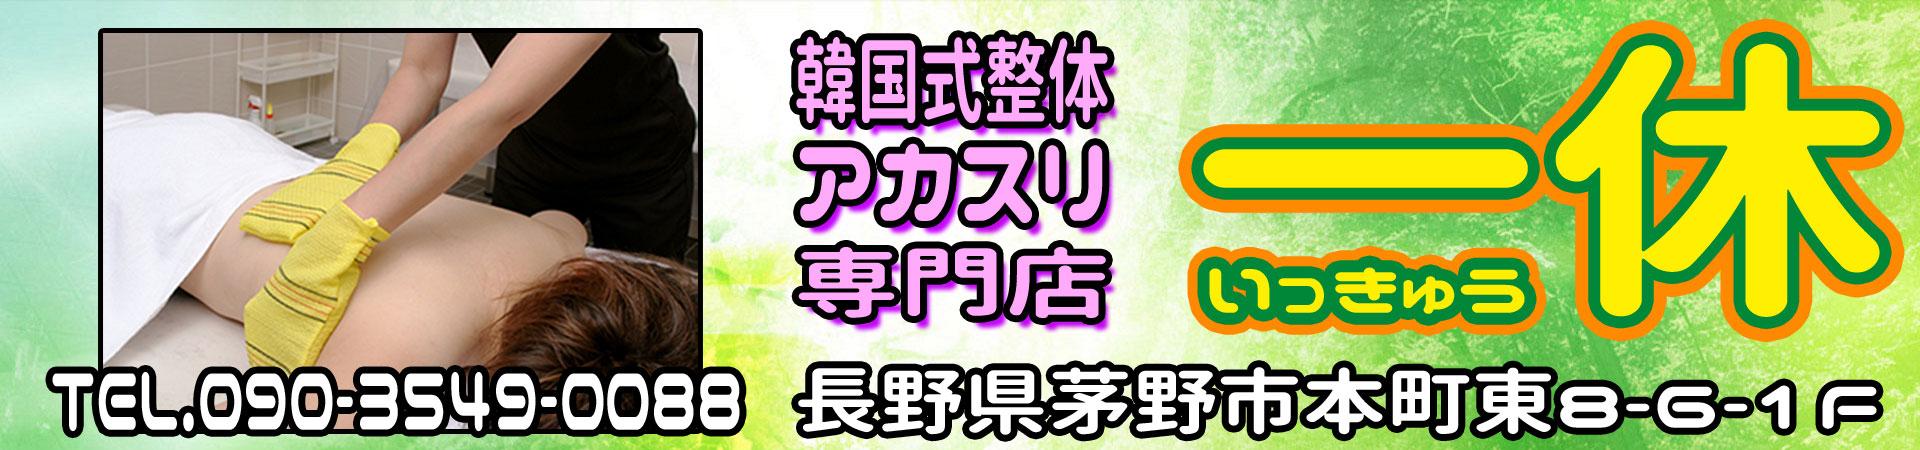 【一休】茅野/長野